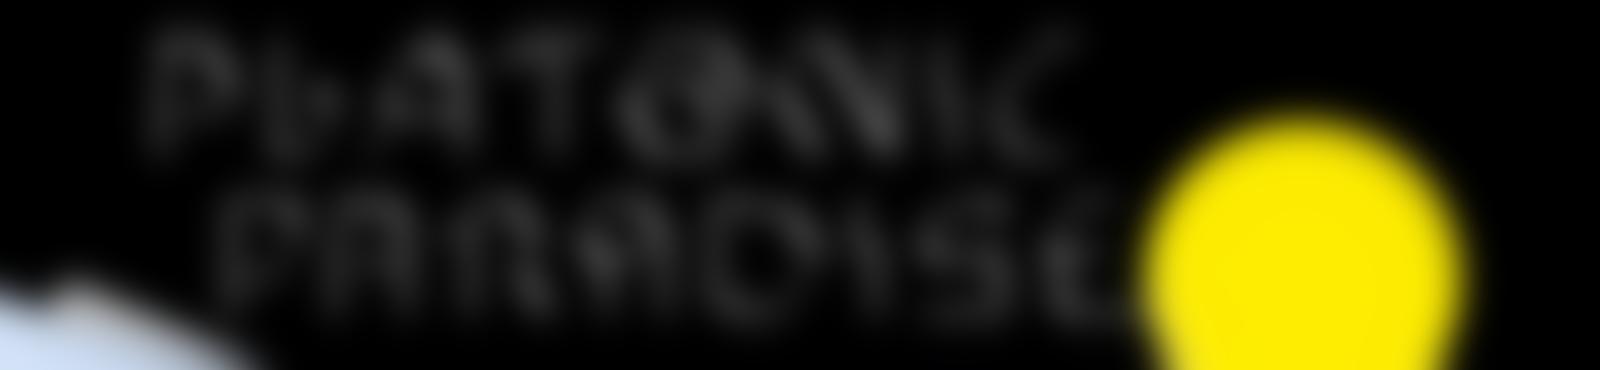 Blurred 18156207 4397 40b0 8f65 b447e3ca1997